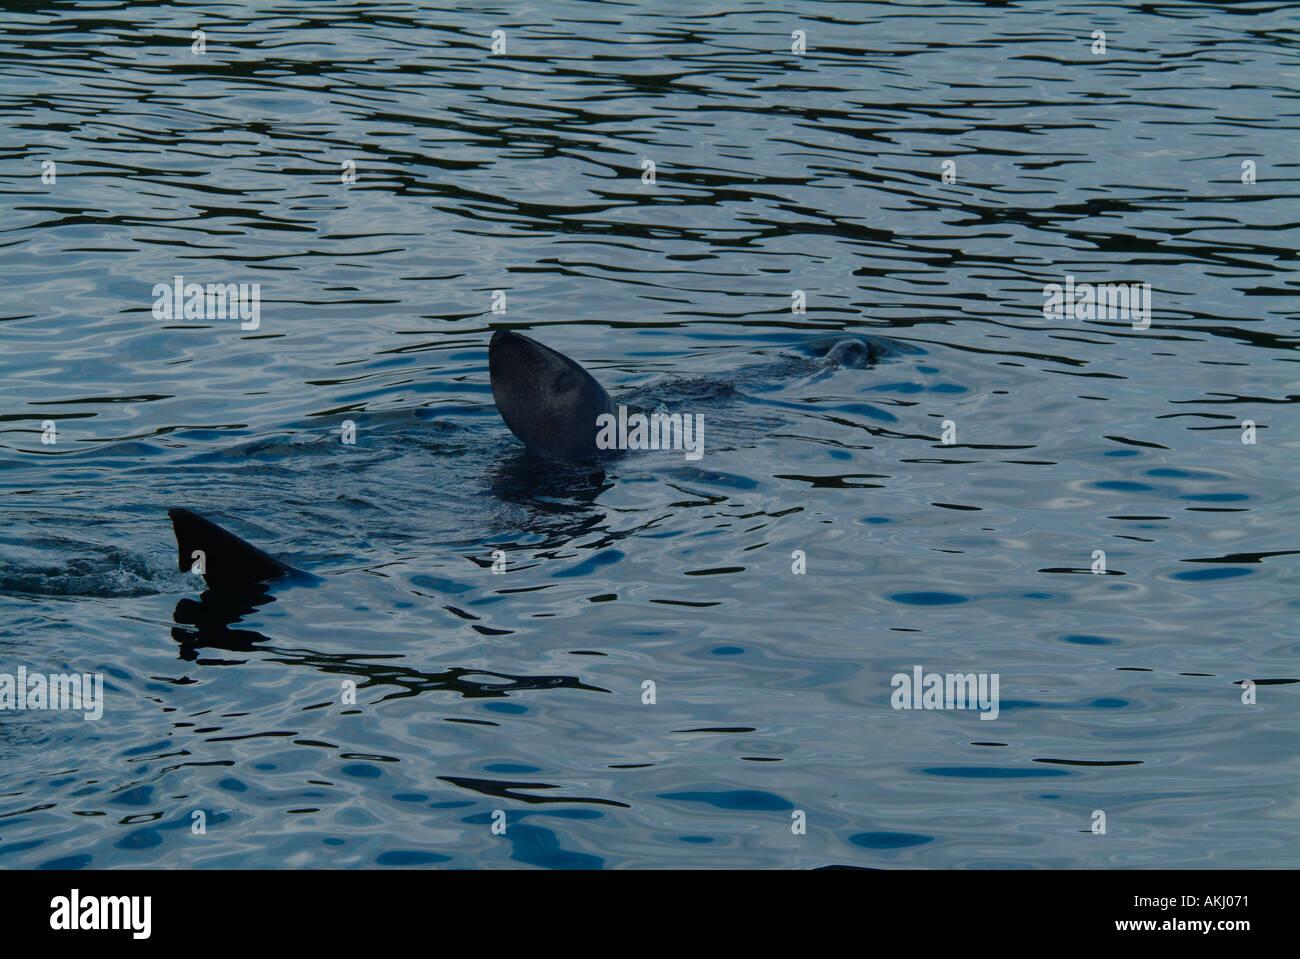 UK Scotland Sea of Hebrides Basking Shark off Island of Eigg - Stock Image